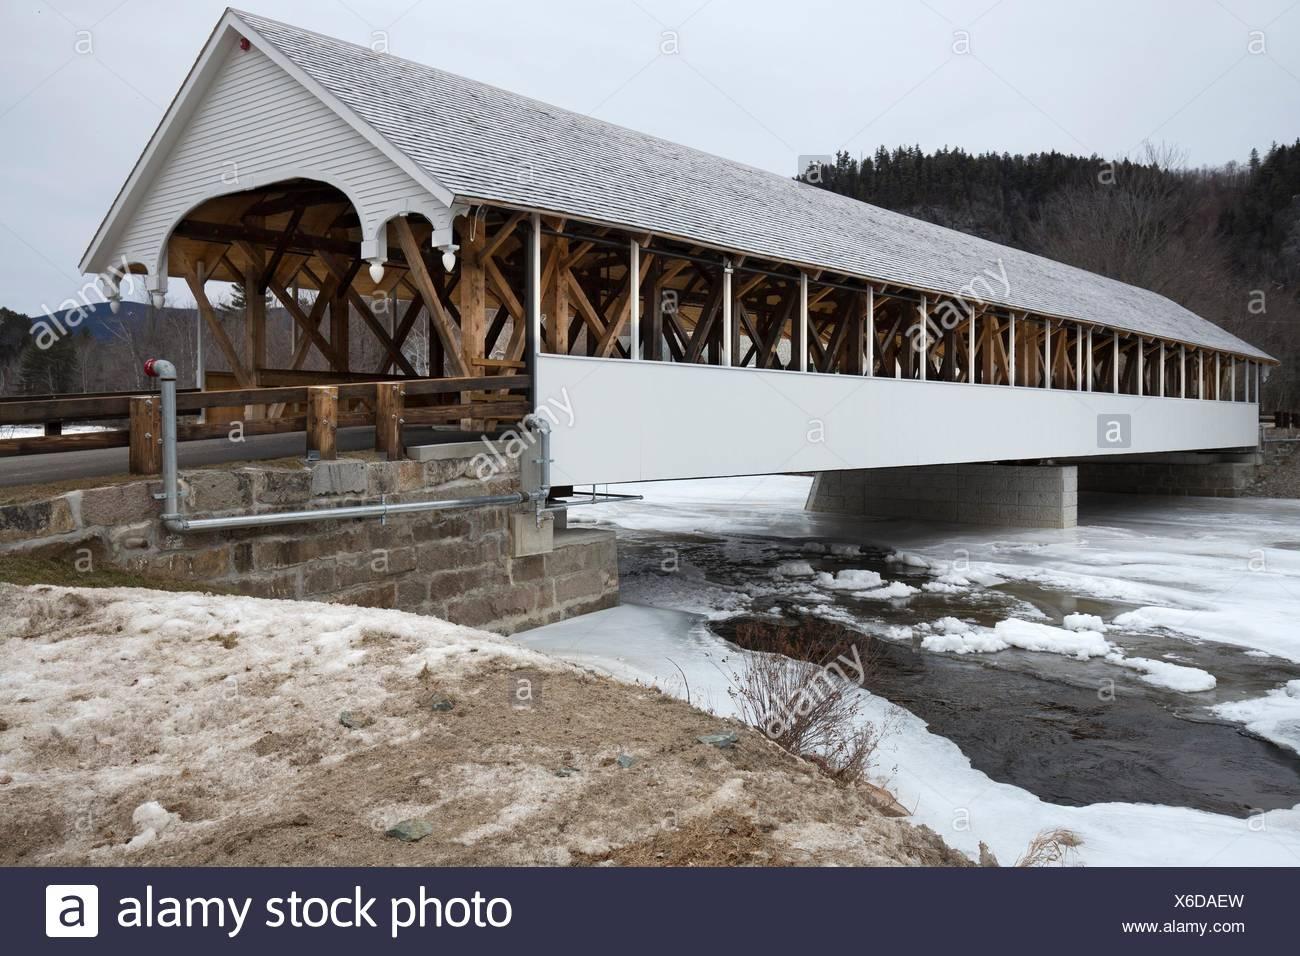 Bridge of Love Review